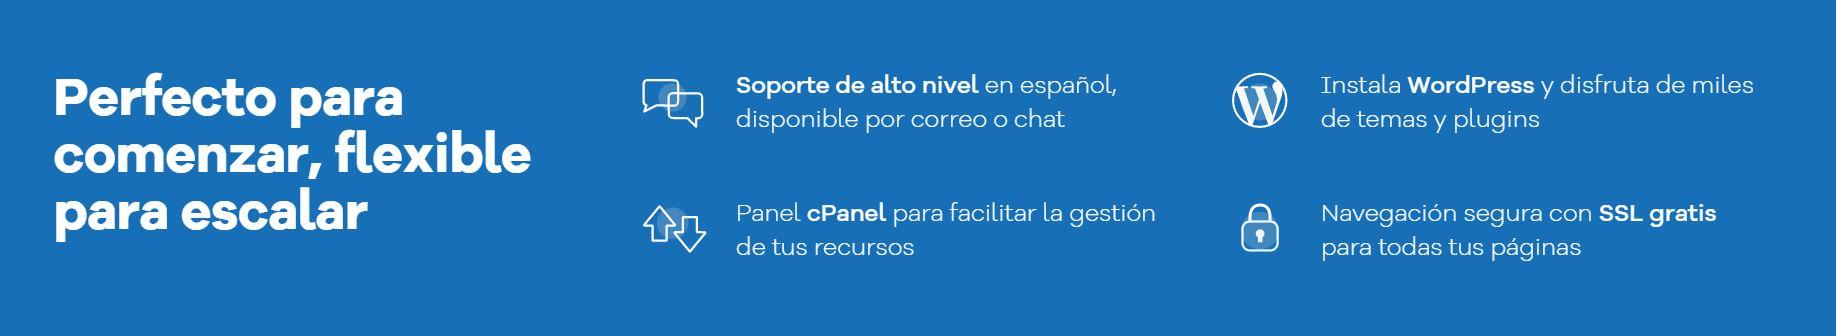 Es fácil instalar un hosting México y además tienes ayuda al usuario para hacerlo.